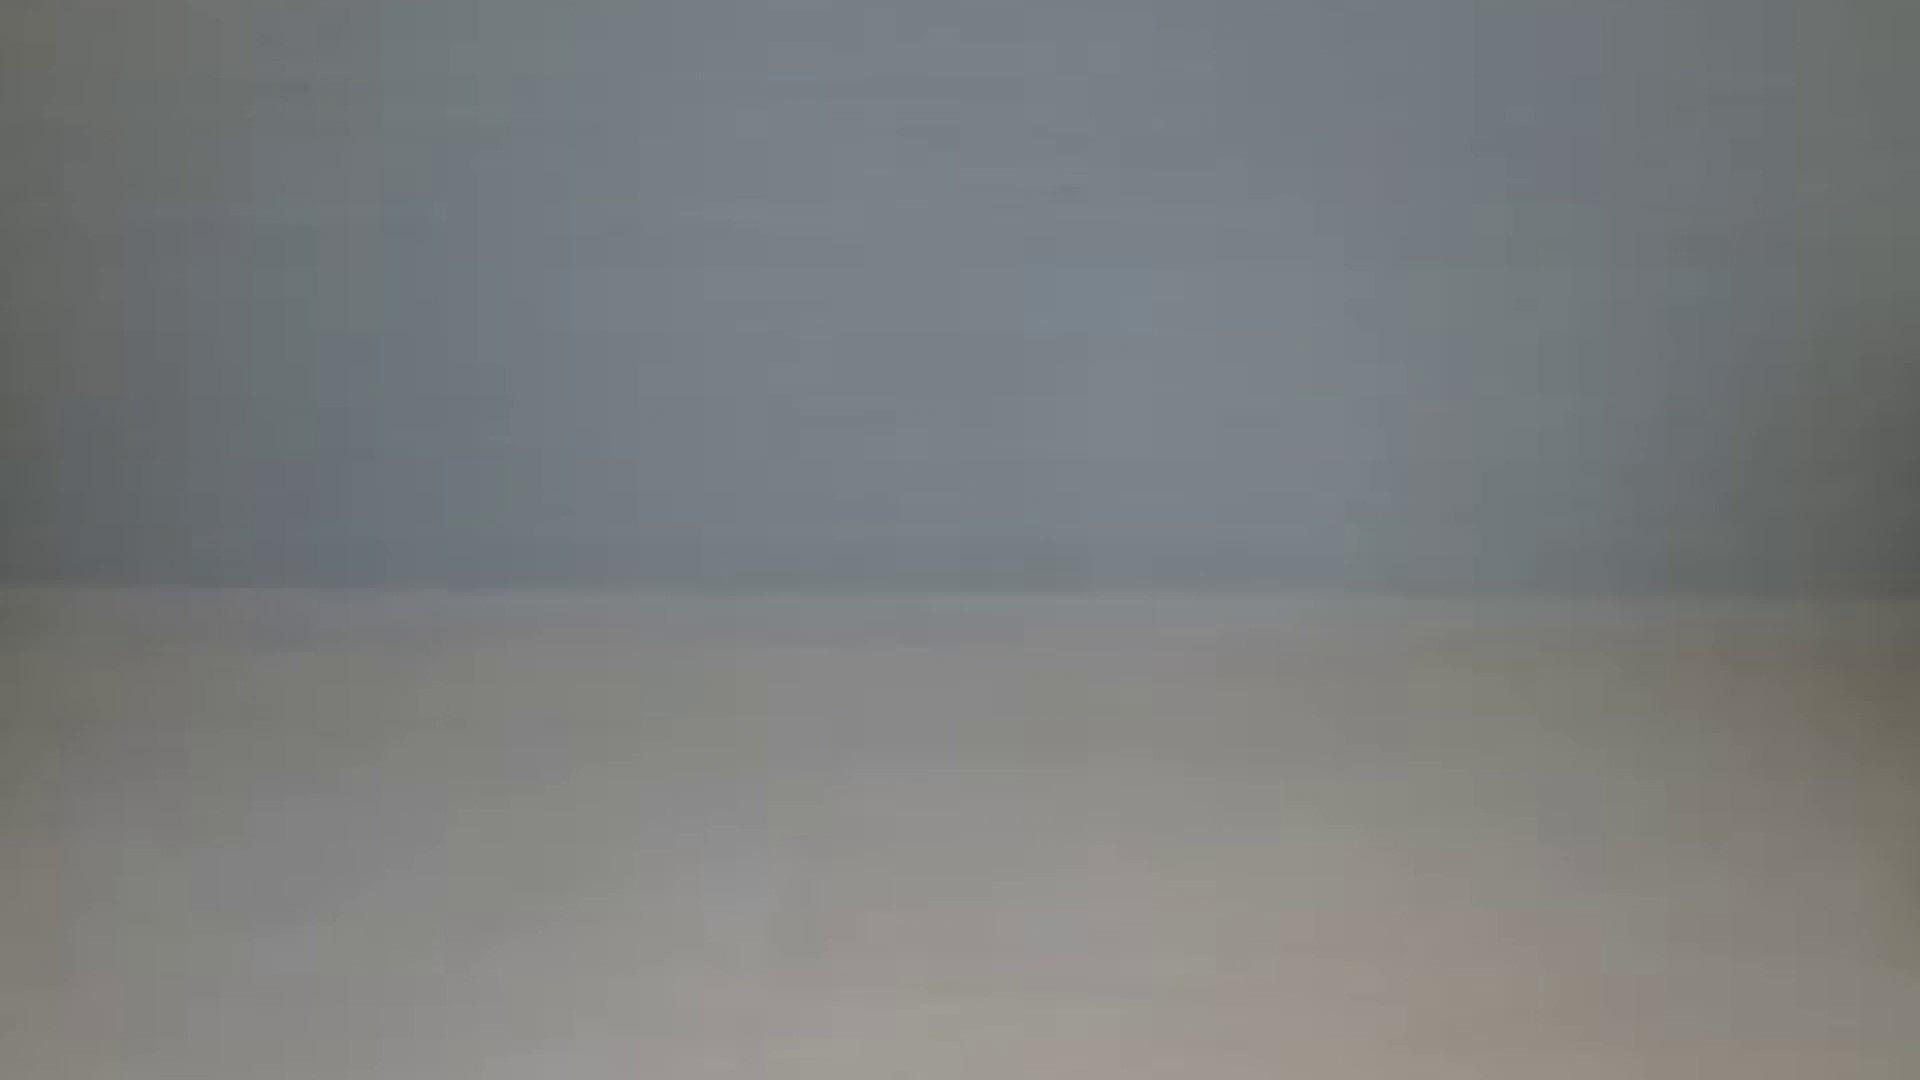 ~厳選!素人イケメン~俺のオナニズムⅢVol.07 イケメンパラダイス ゲイモロ画像 111pic 94